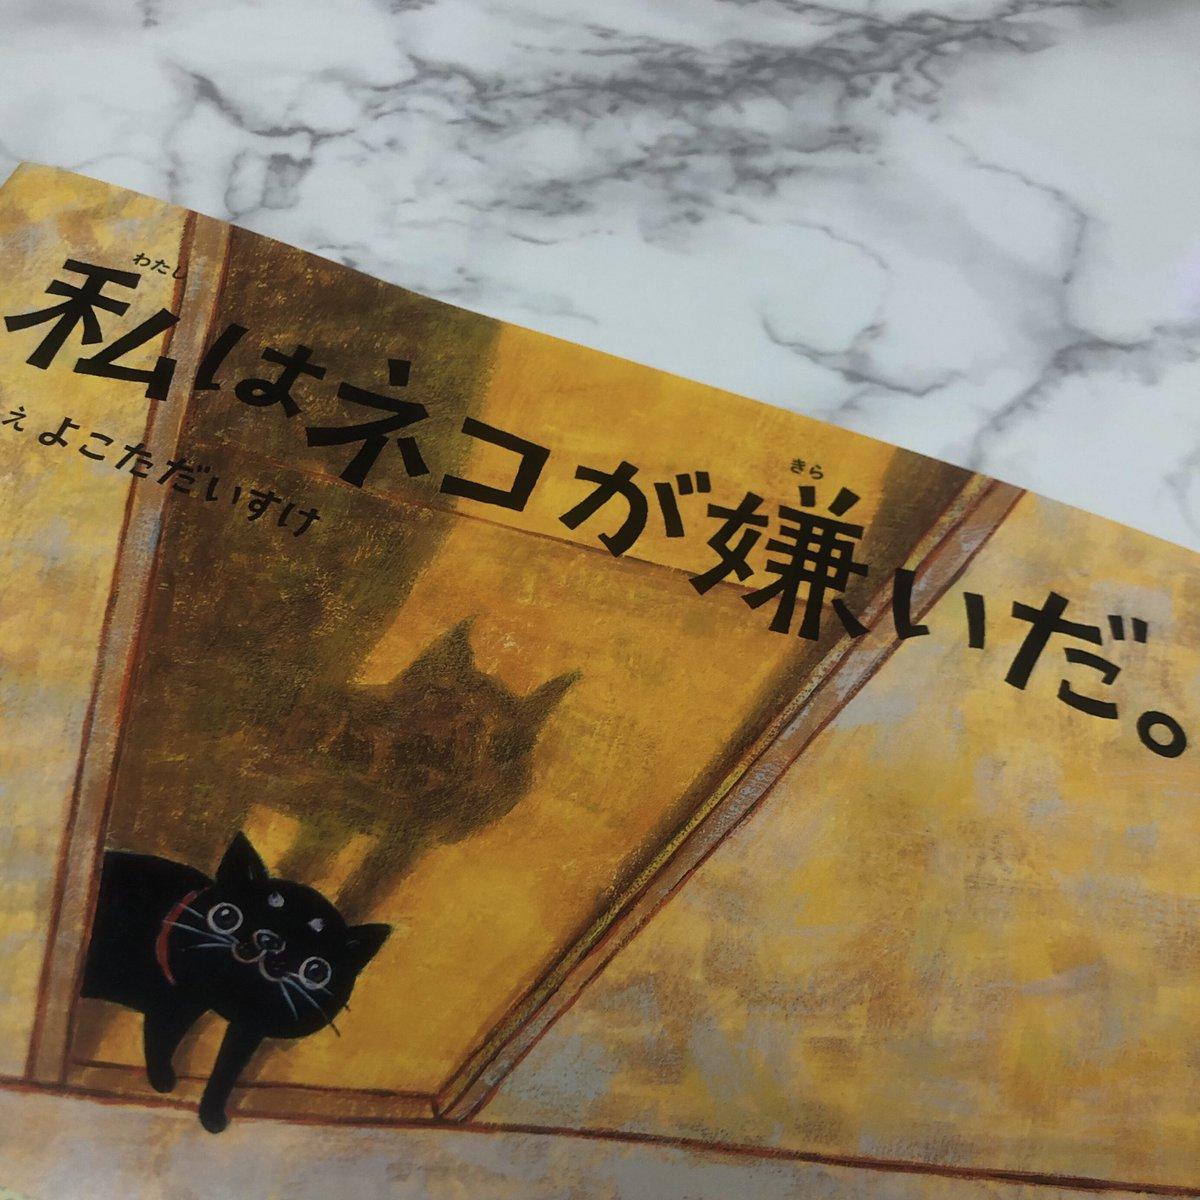 test ツイッターメディア - いぬのきもち・ねこのきもち様 ( @inunekome )  私はネコが嫌いだ 。当選しました 🎊  初めて知った絵本でしたが 短い言葉と絵がグッとくる ... 素敵な絵本と出逢えました  ありがとうございました 🙂 https://t.co/MpUwS40PUp